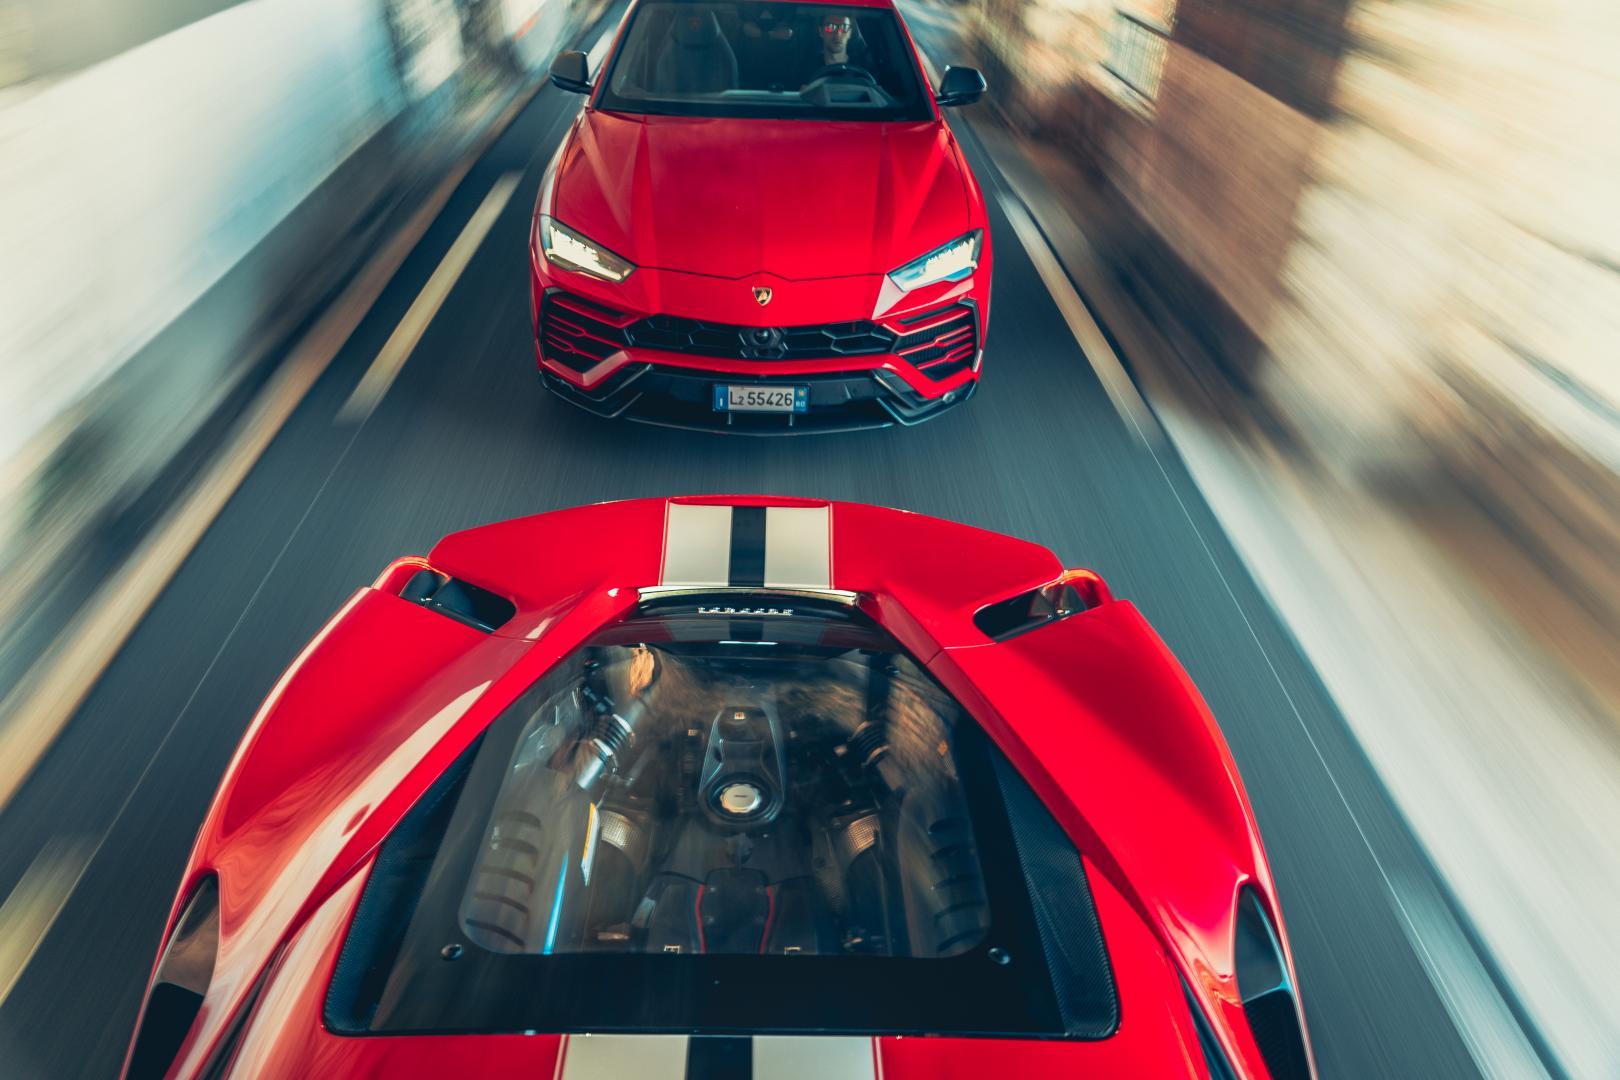 Ferrari 488 Pista vs Lamborghini Urus